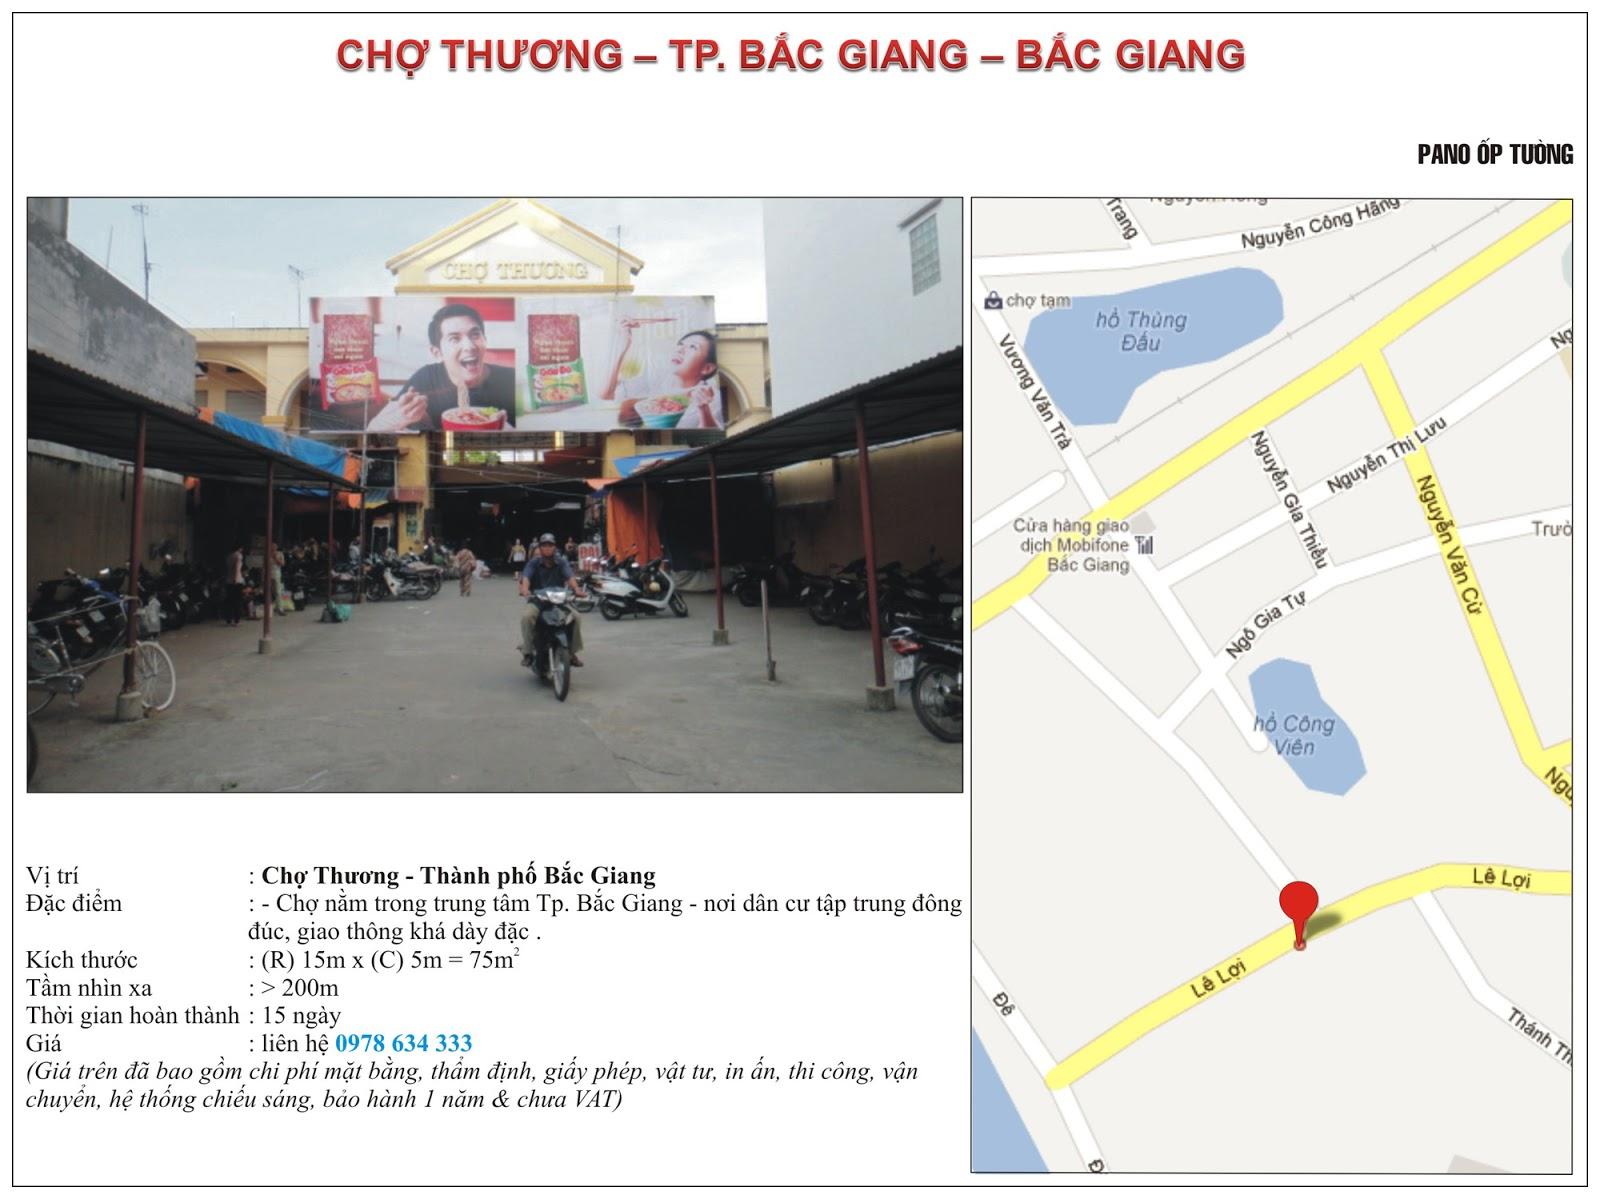 Quảng cáo tại chợ Thương - Bắc Giang